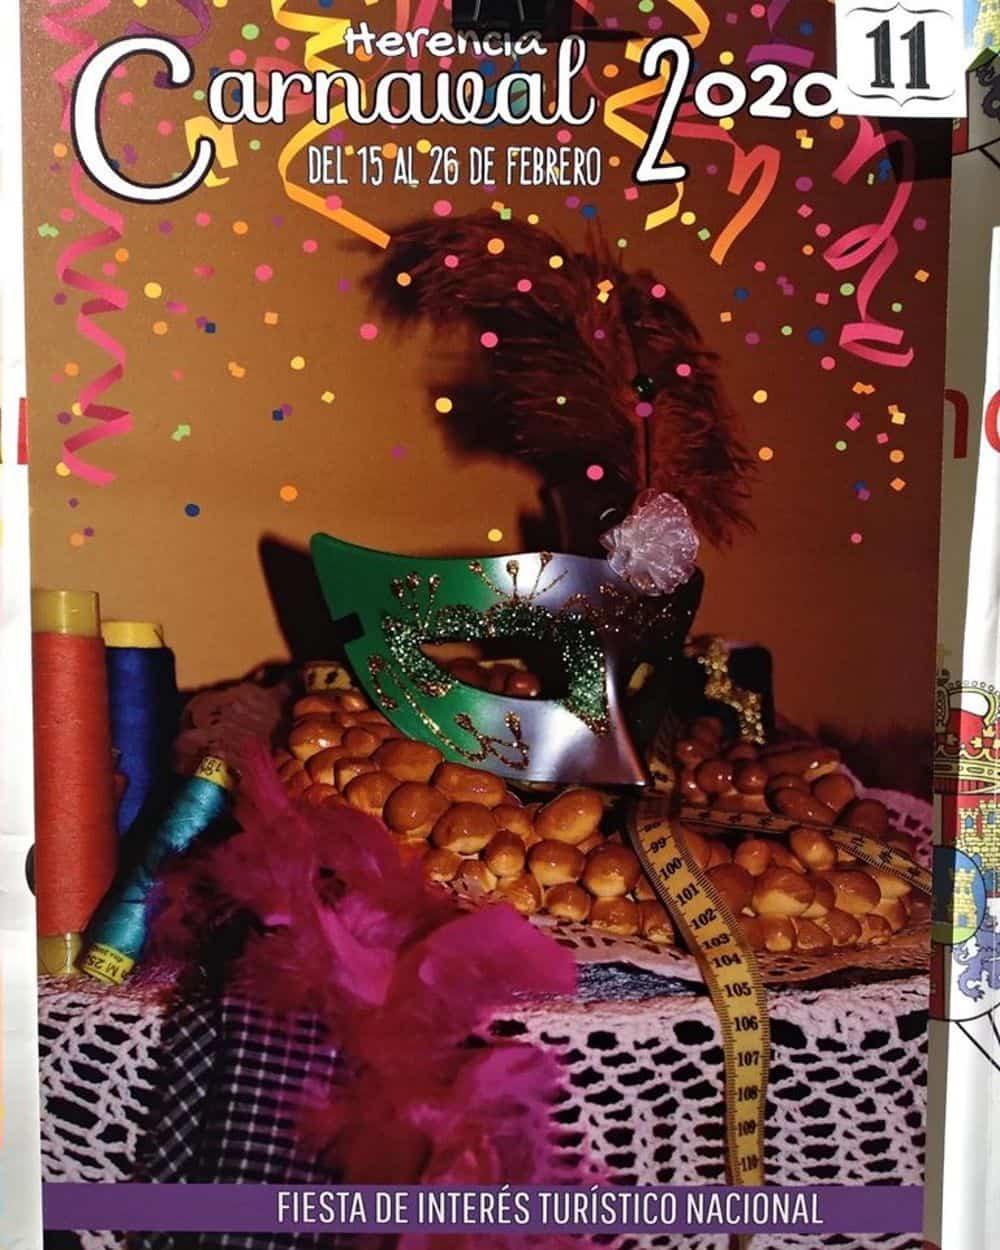 Conoce los carteles de Carnaval de Herencia 2020, ¿cuál te gusta más? 24